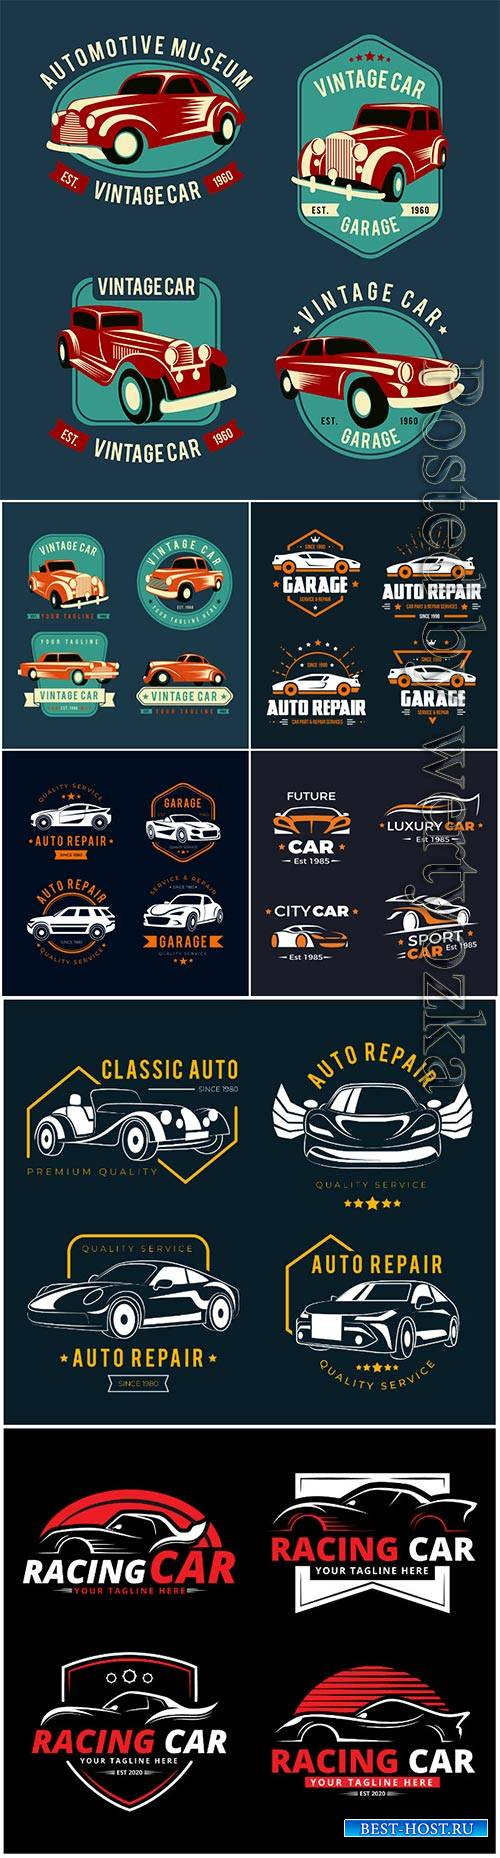 Flat design car logo vector collection